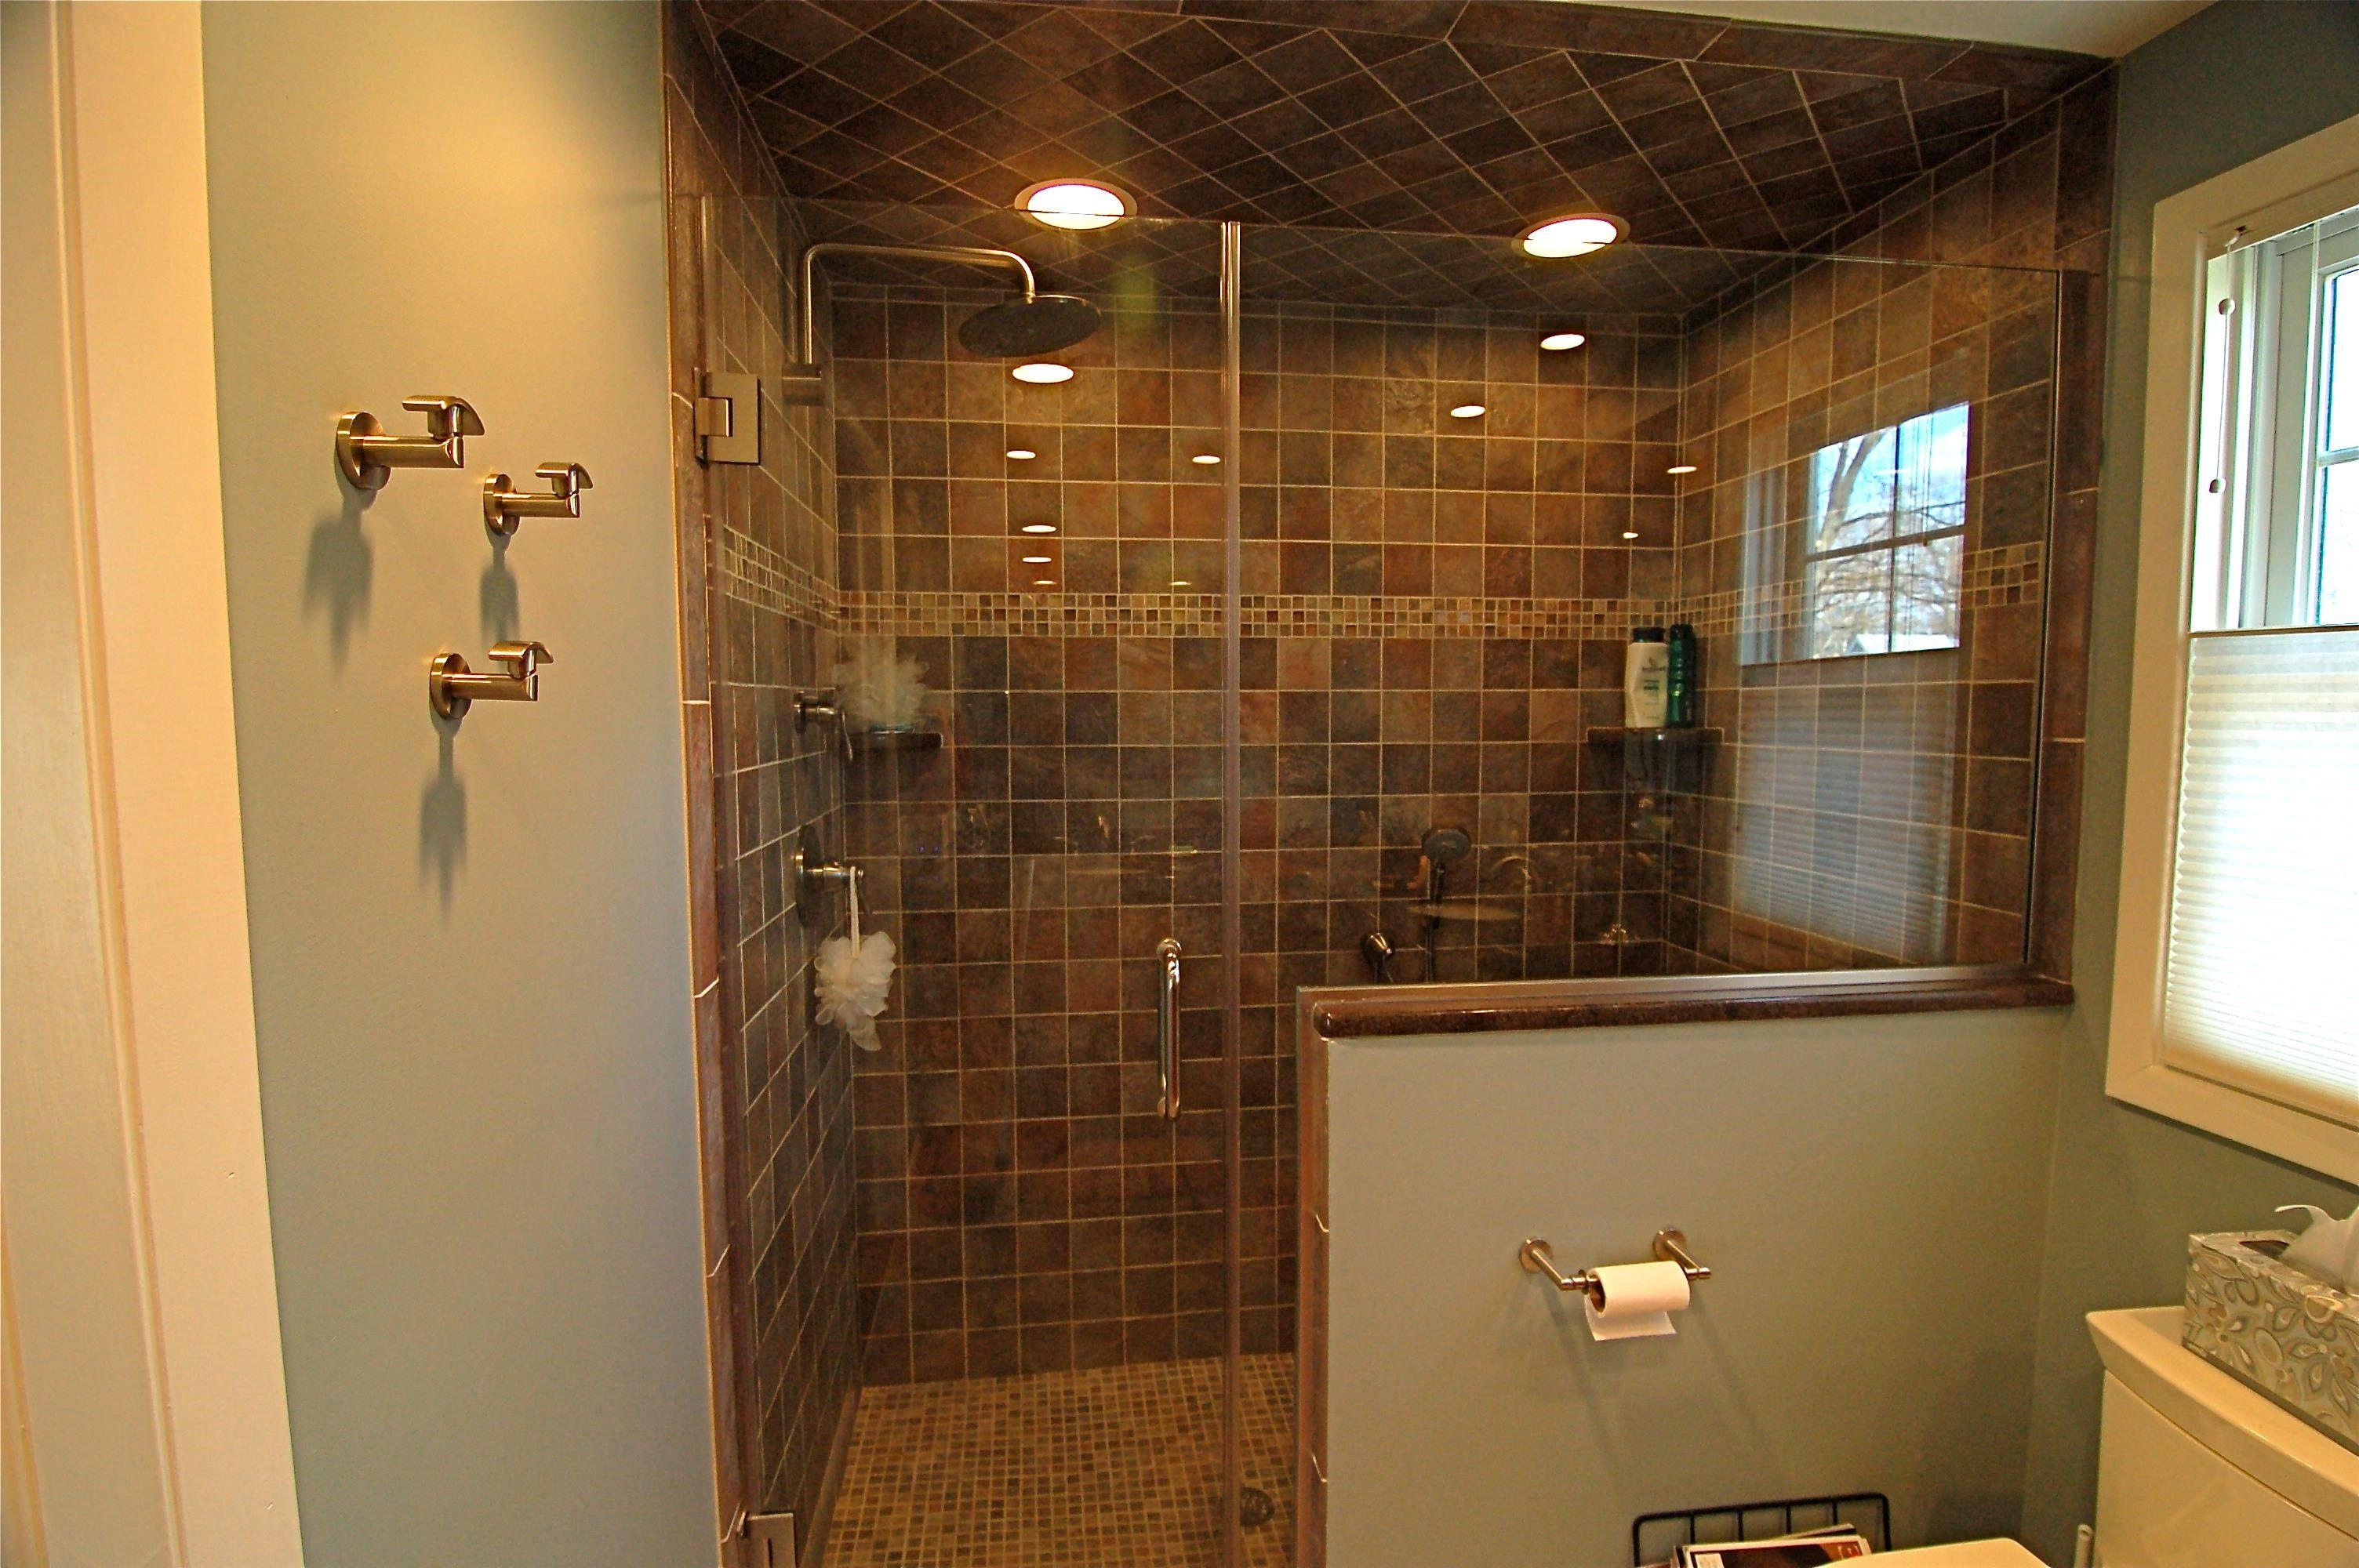 bathroom doorless shower ideas. Doorless Shower For Interesting Room Design: Bathroom Ideas S